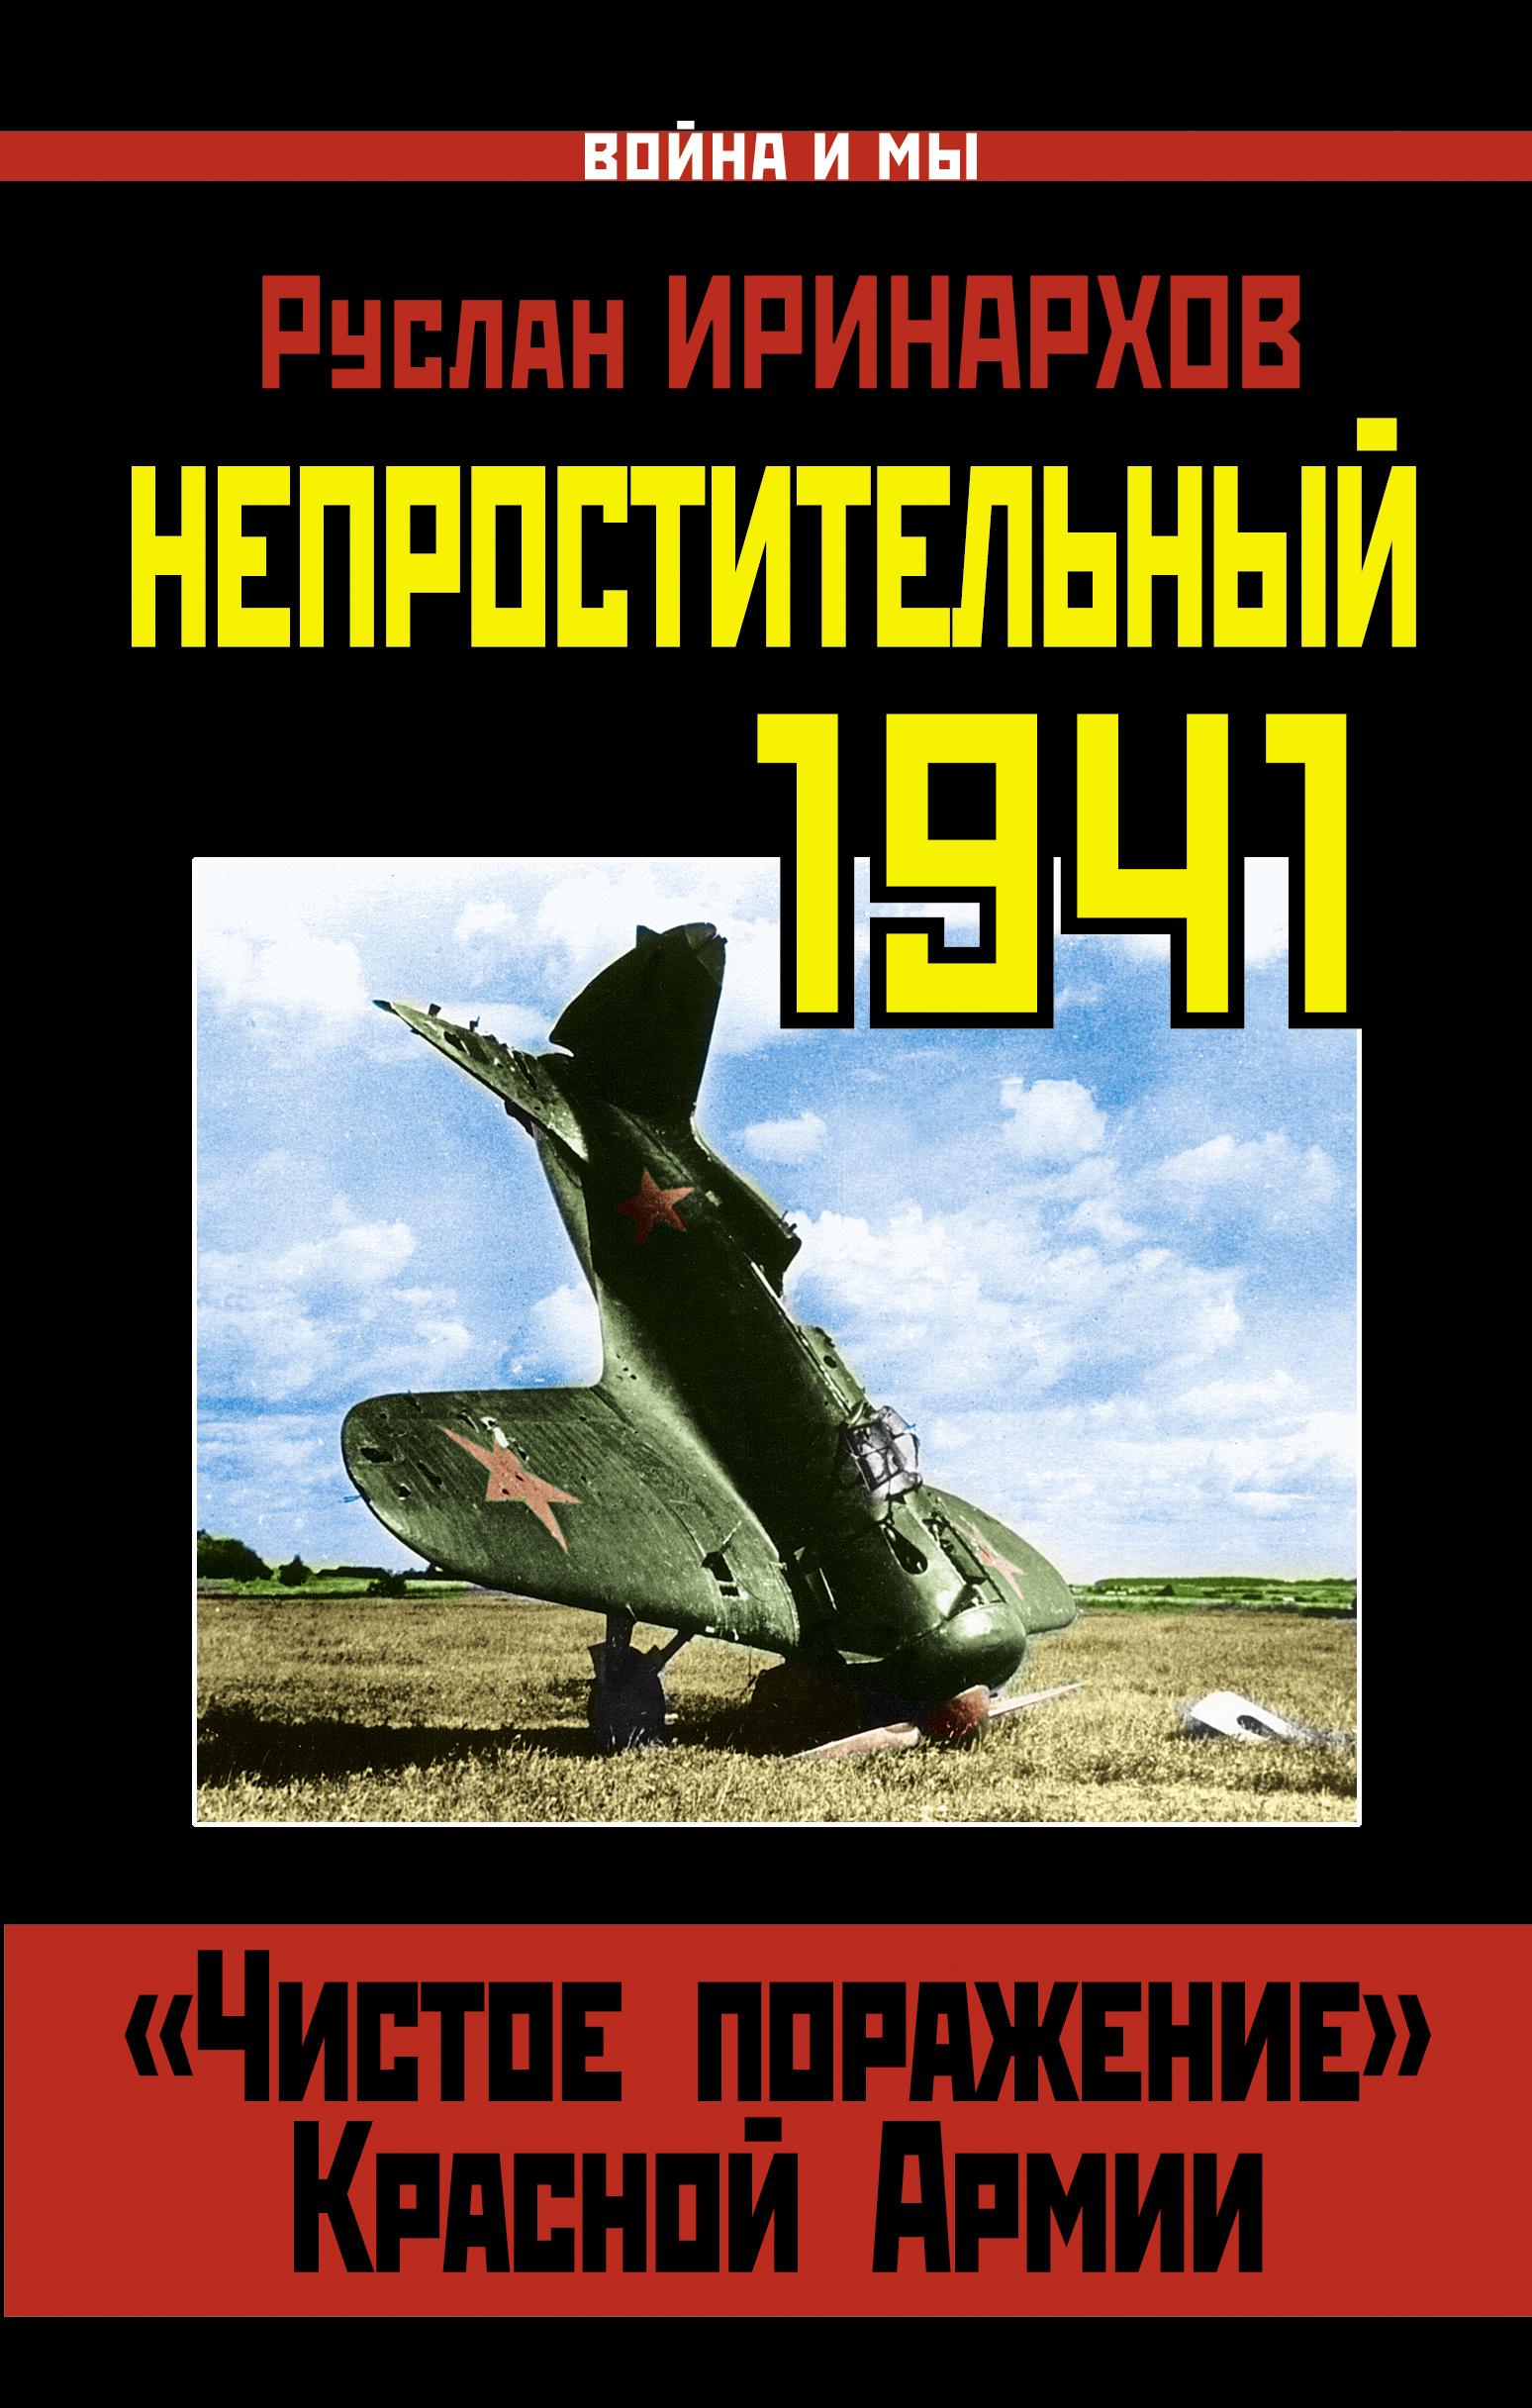 Непростительный 1941.